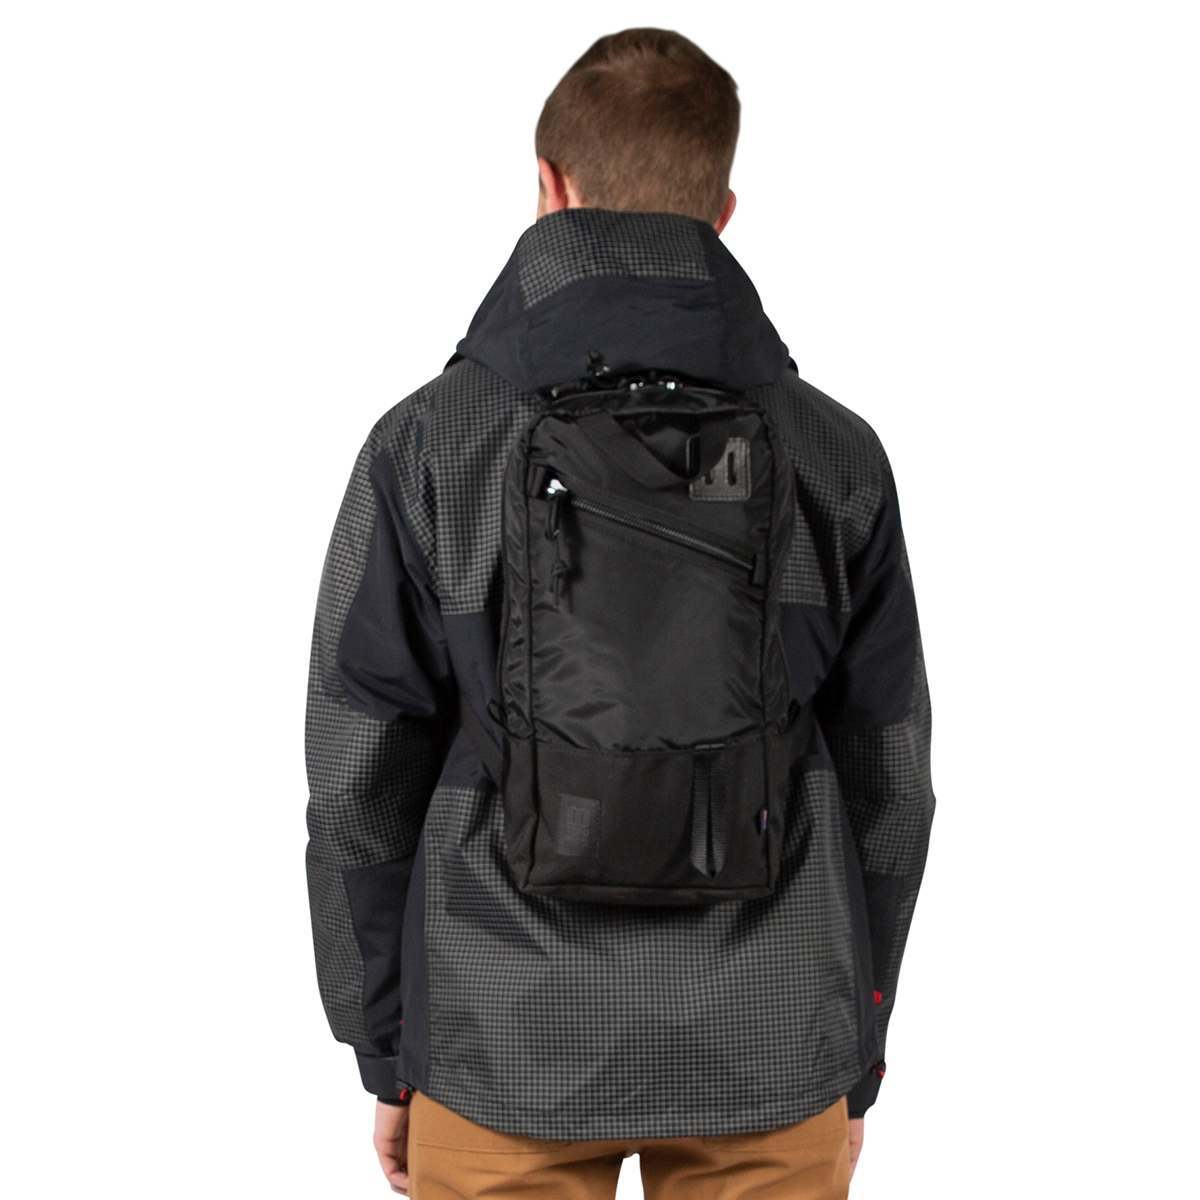 Topo Designs Trip Pack Ballistic Black, perfecte rugzak voor elke dag tocht